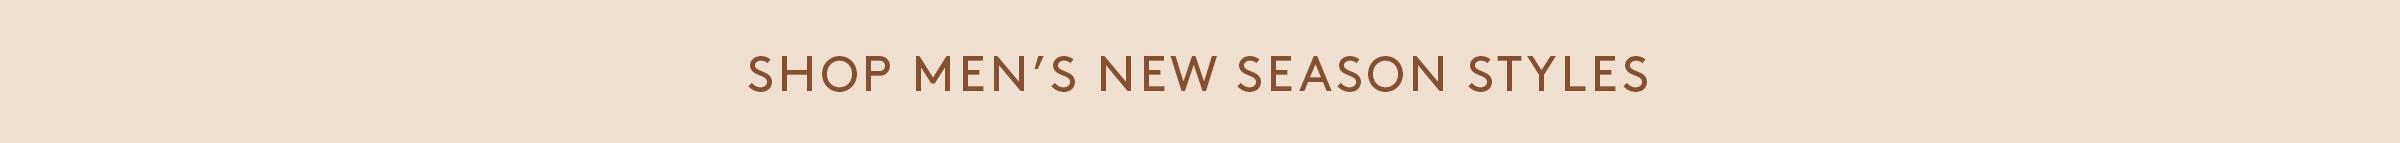 BETTS   Men's   NEW Arrivals   hmpg banner 2400 x 143